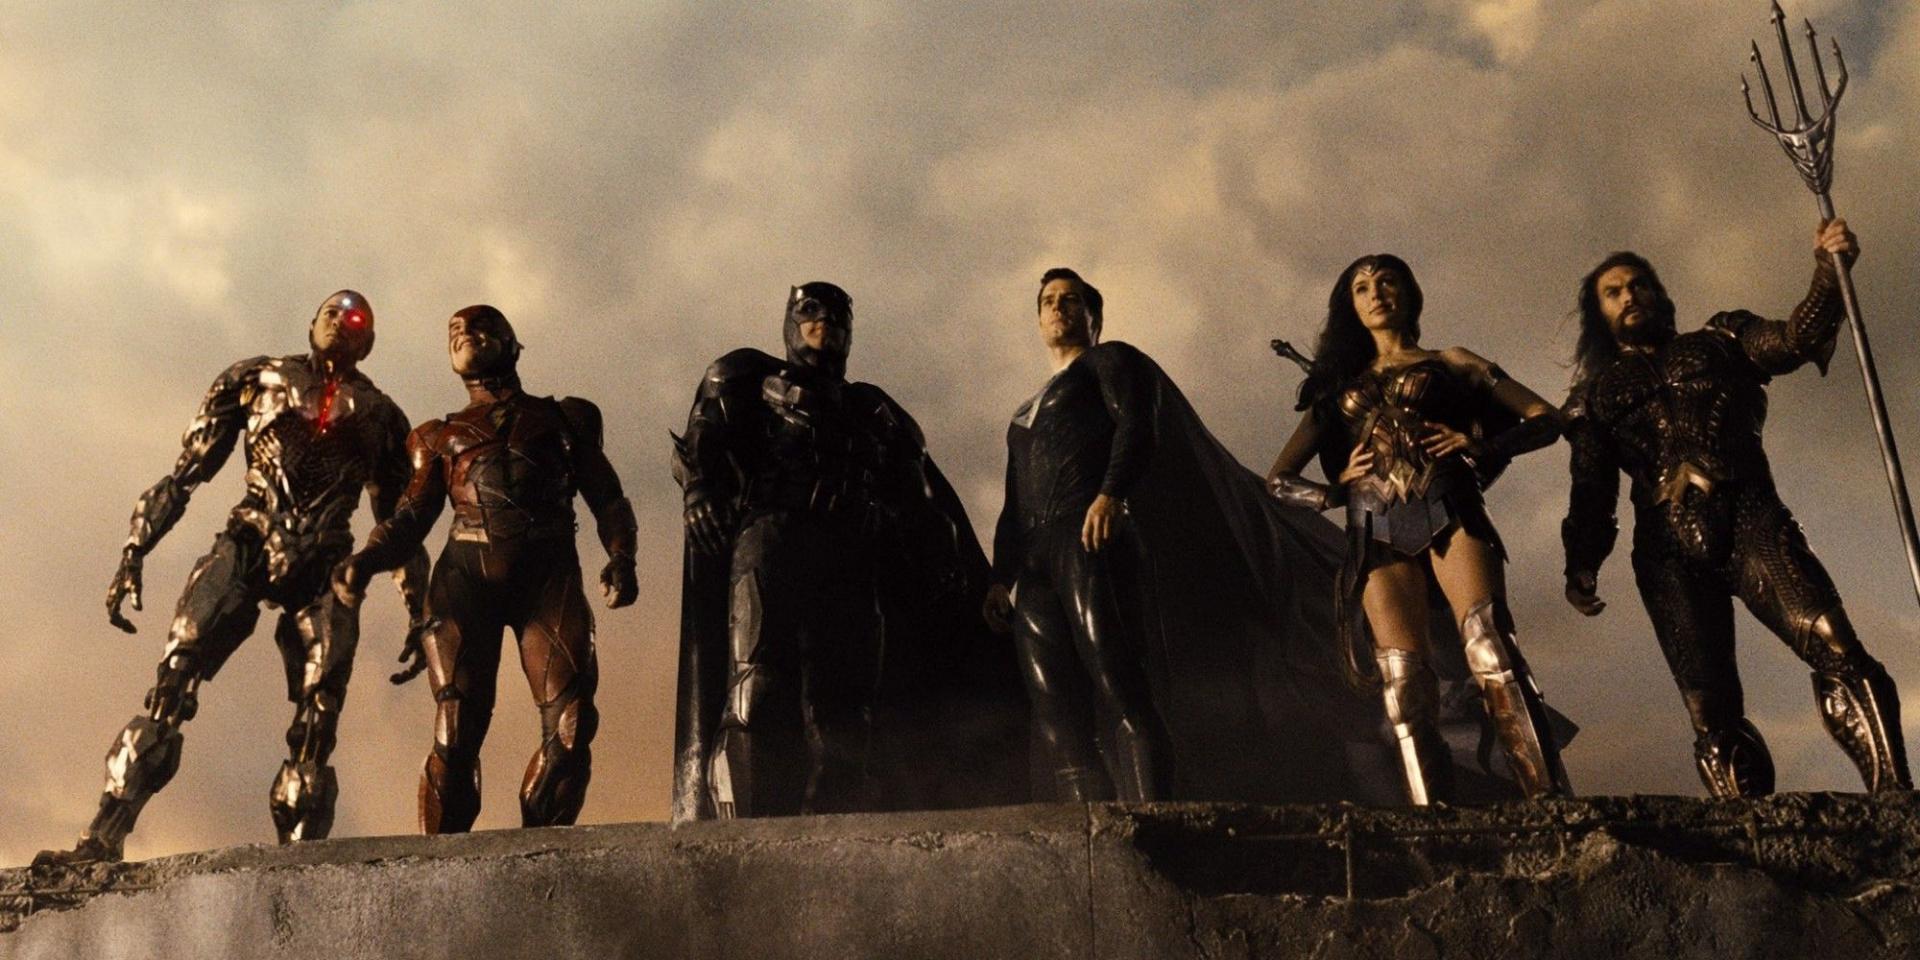 СМИ: из-за ошибки «Лига справедливости» запустилась на HBO Max раньше срока